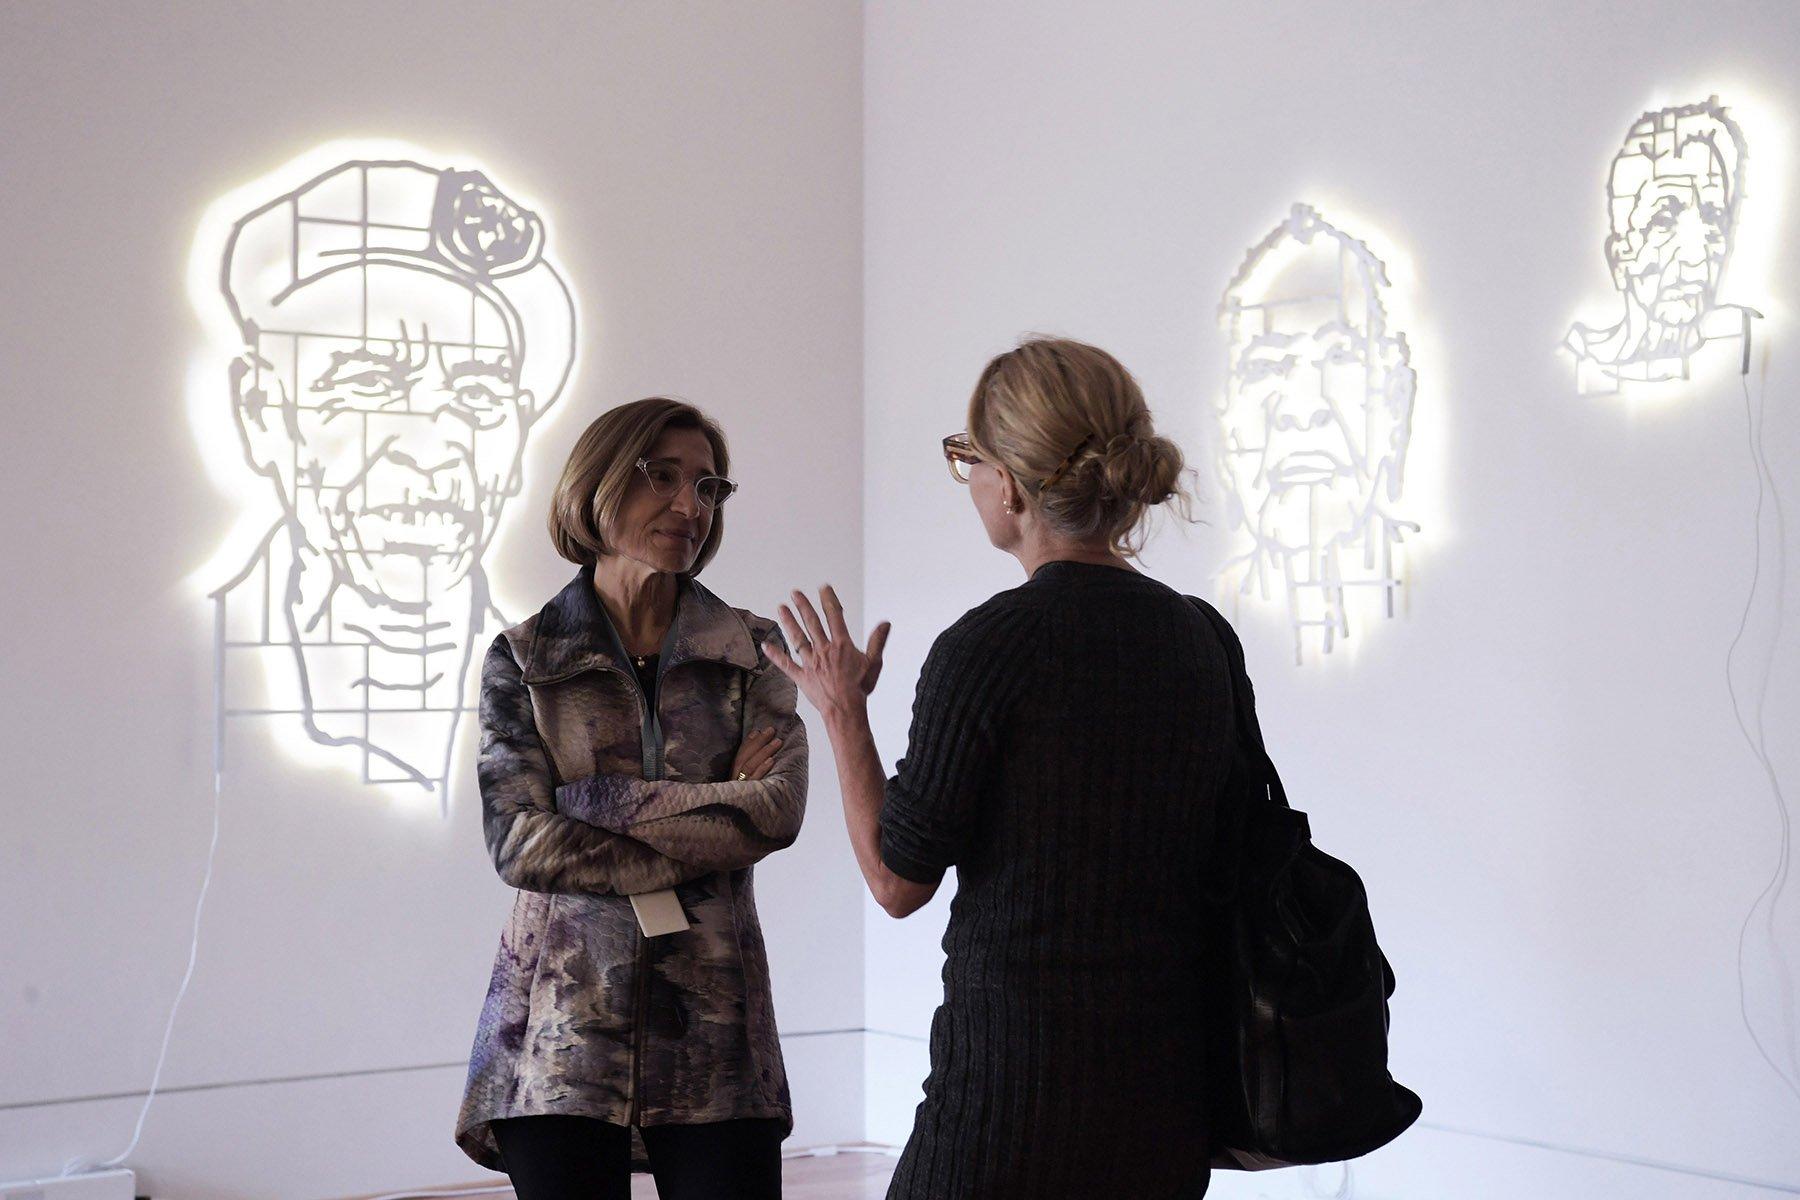 """Dos mujeres conversan frente a las obras del colectivo artístico """"Los Carpinteros"""" durante una visita a la exposición """"Cuba Va!"""" en la Phillips Collection en Washington, Estados Unidos. Foto: Lenin Nolly / EFE."""